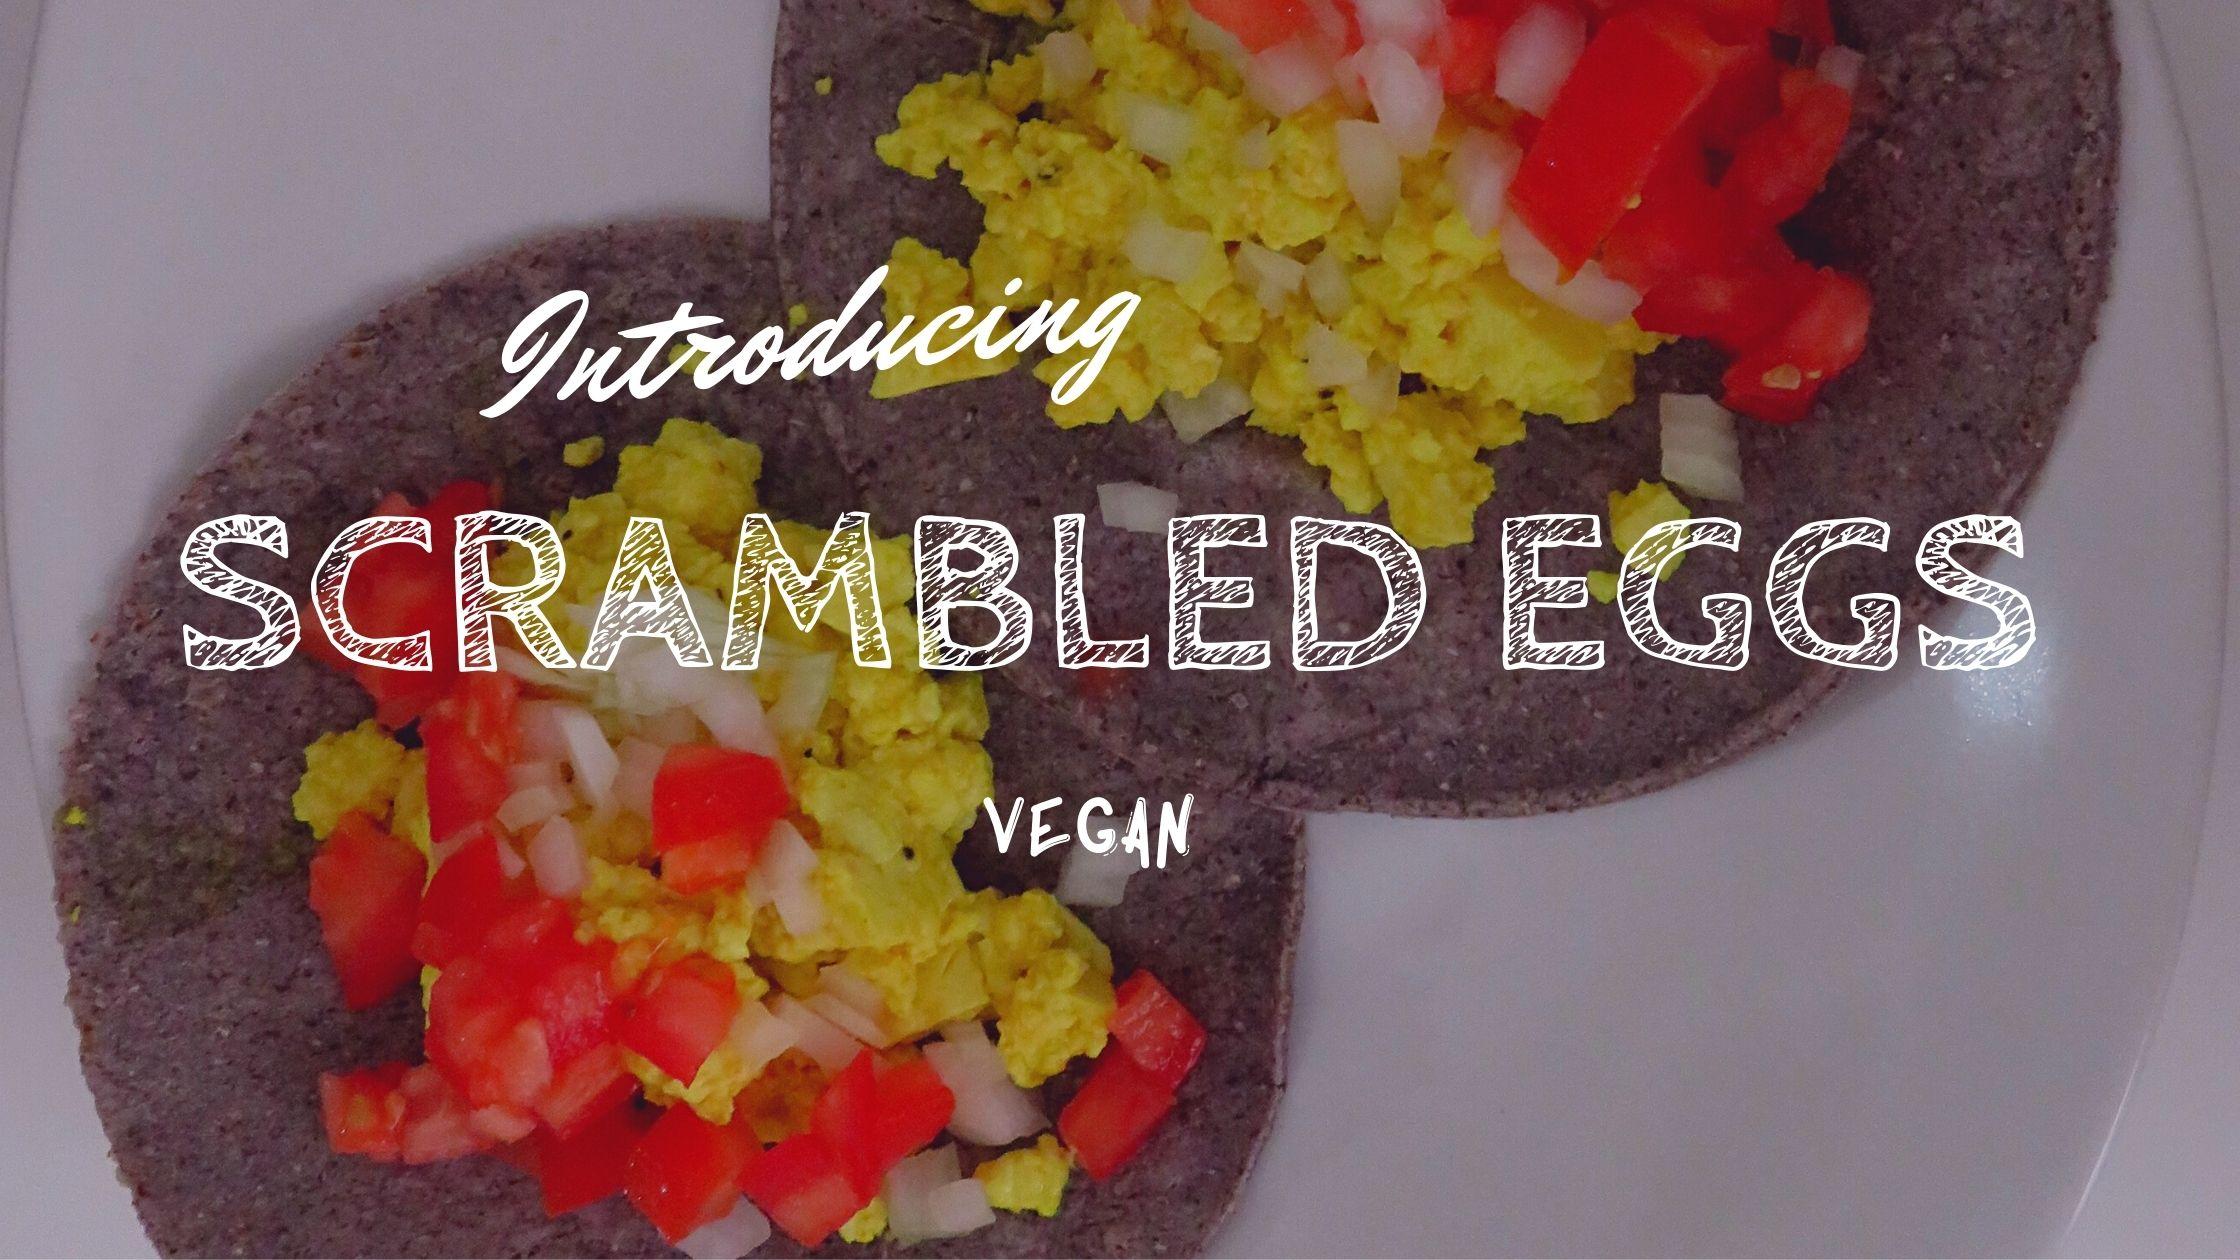 卵なしスクランブルエッグ 豆腐スクランブルエッグ タコス ヴィーガン